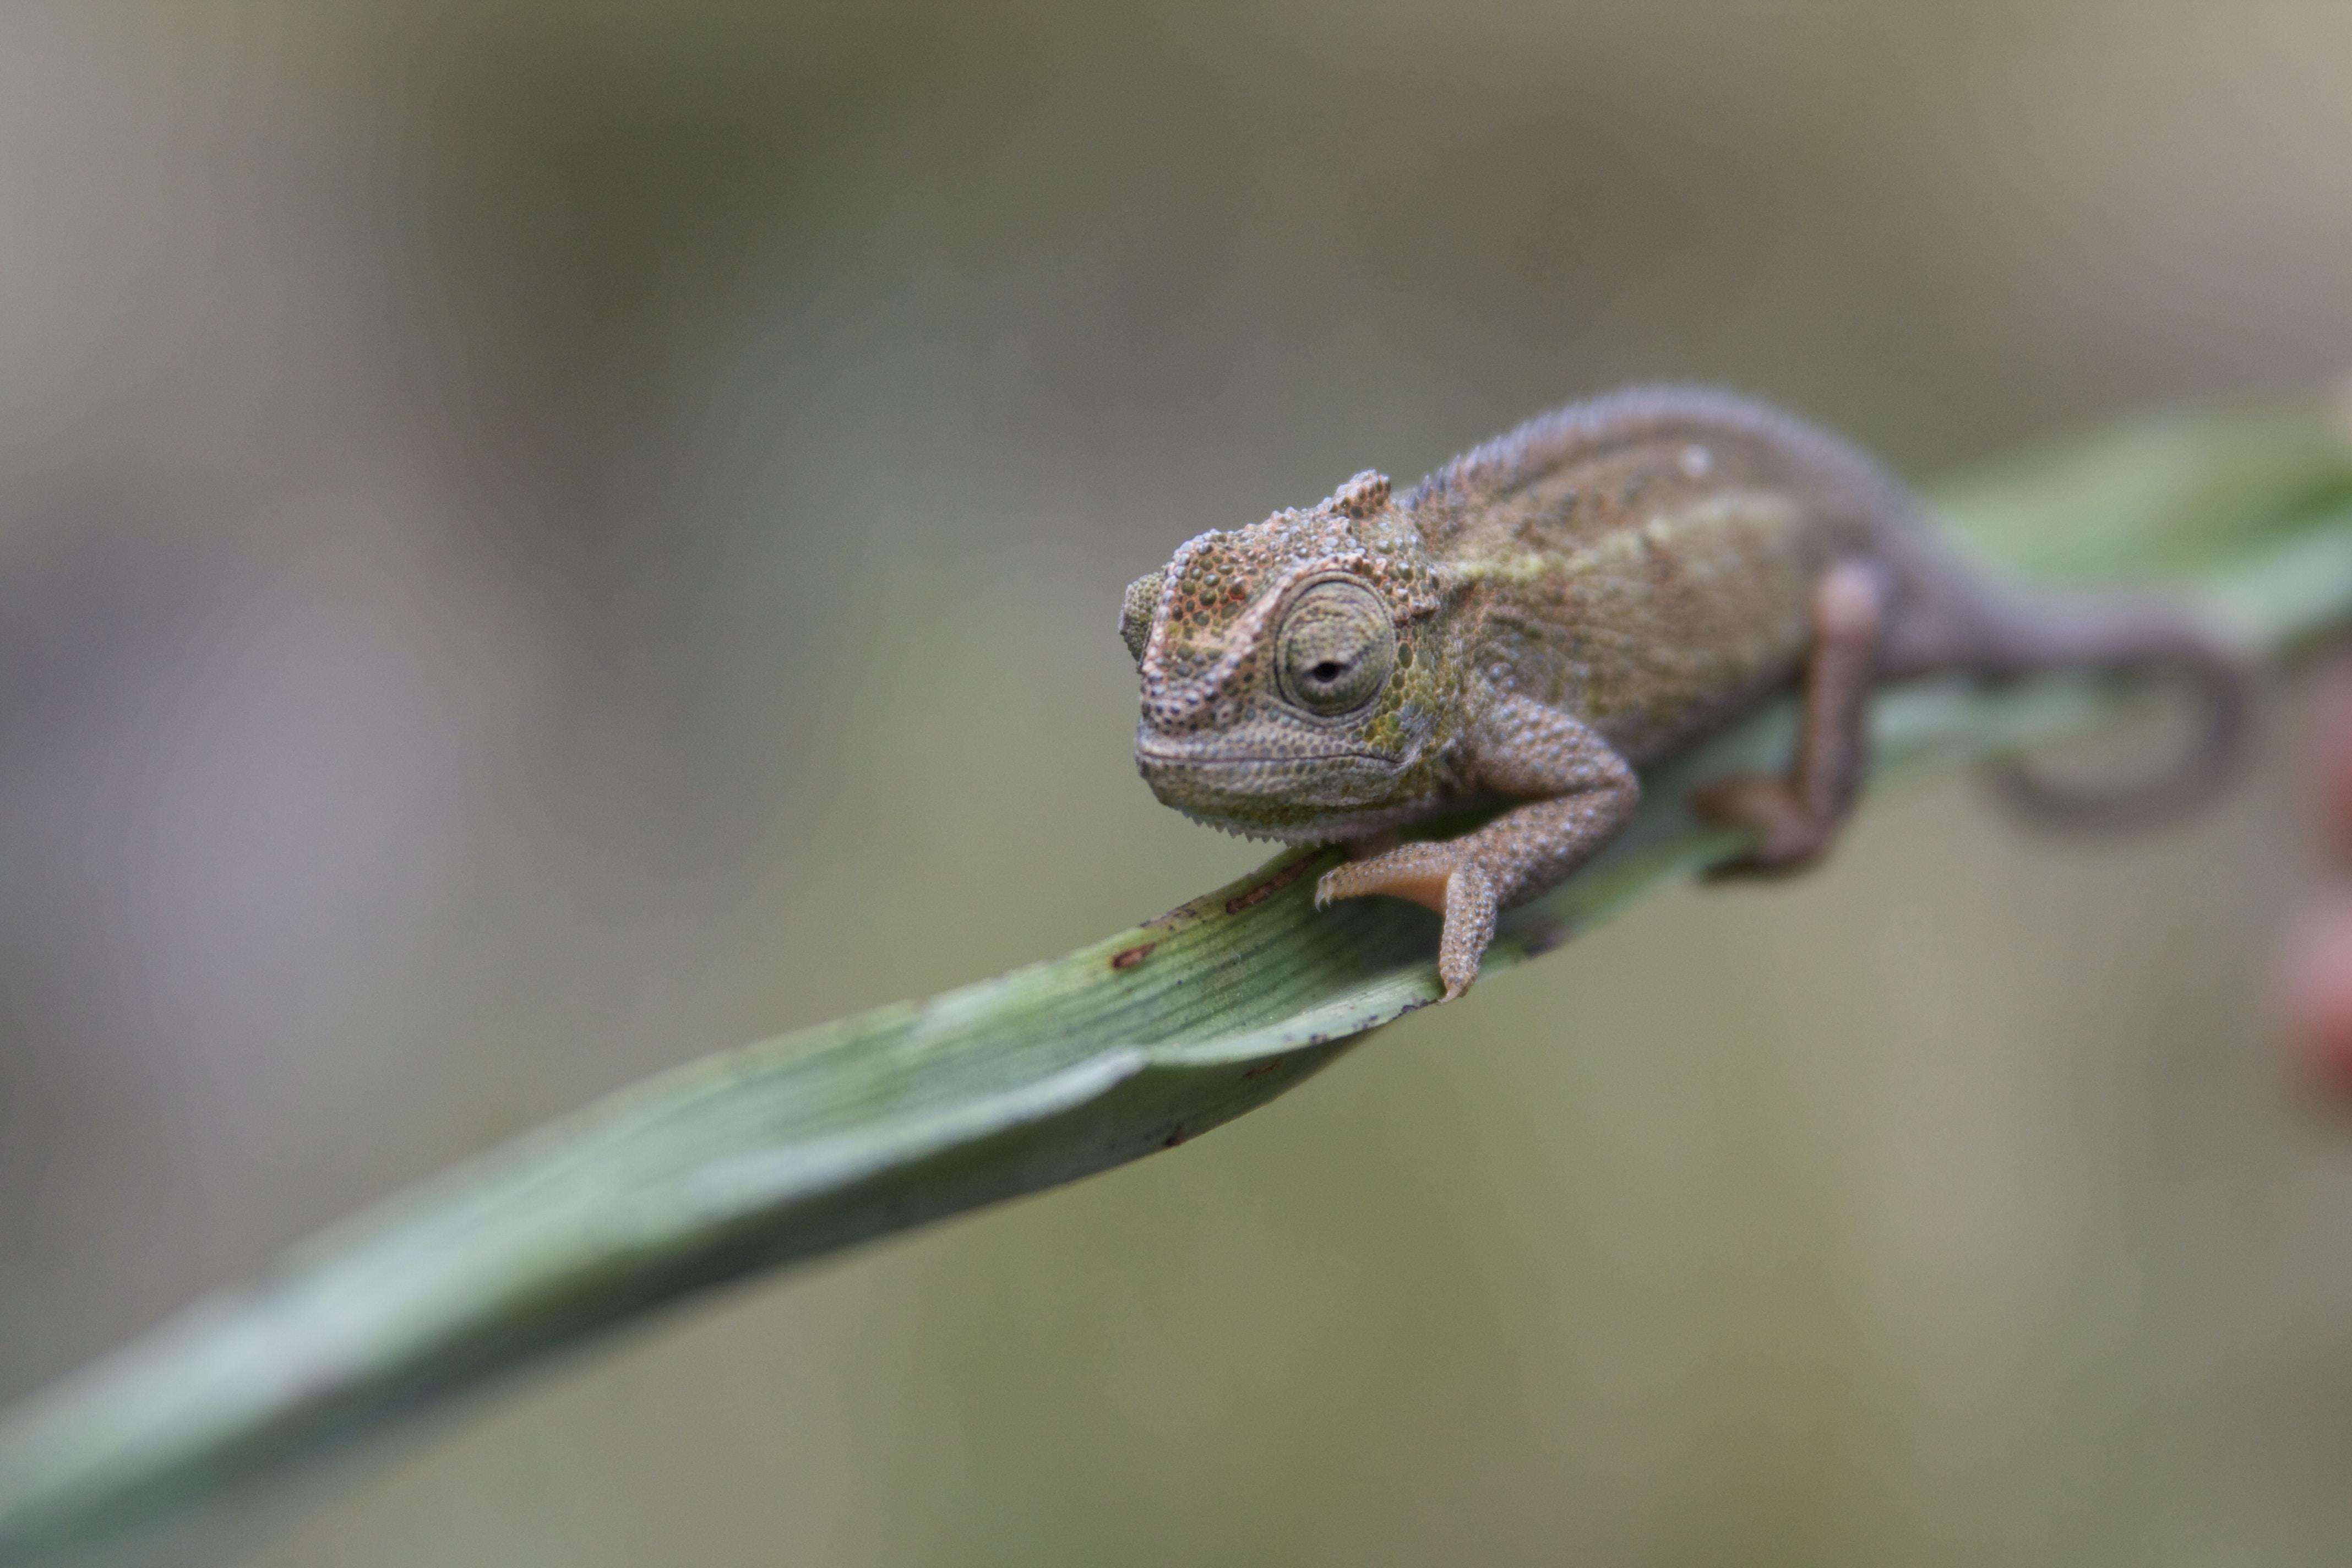 Chameleon perched on a single leaf